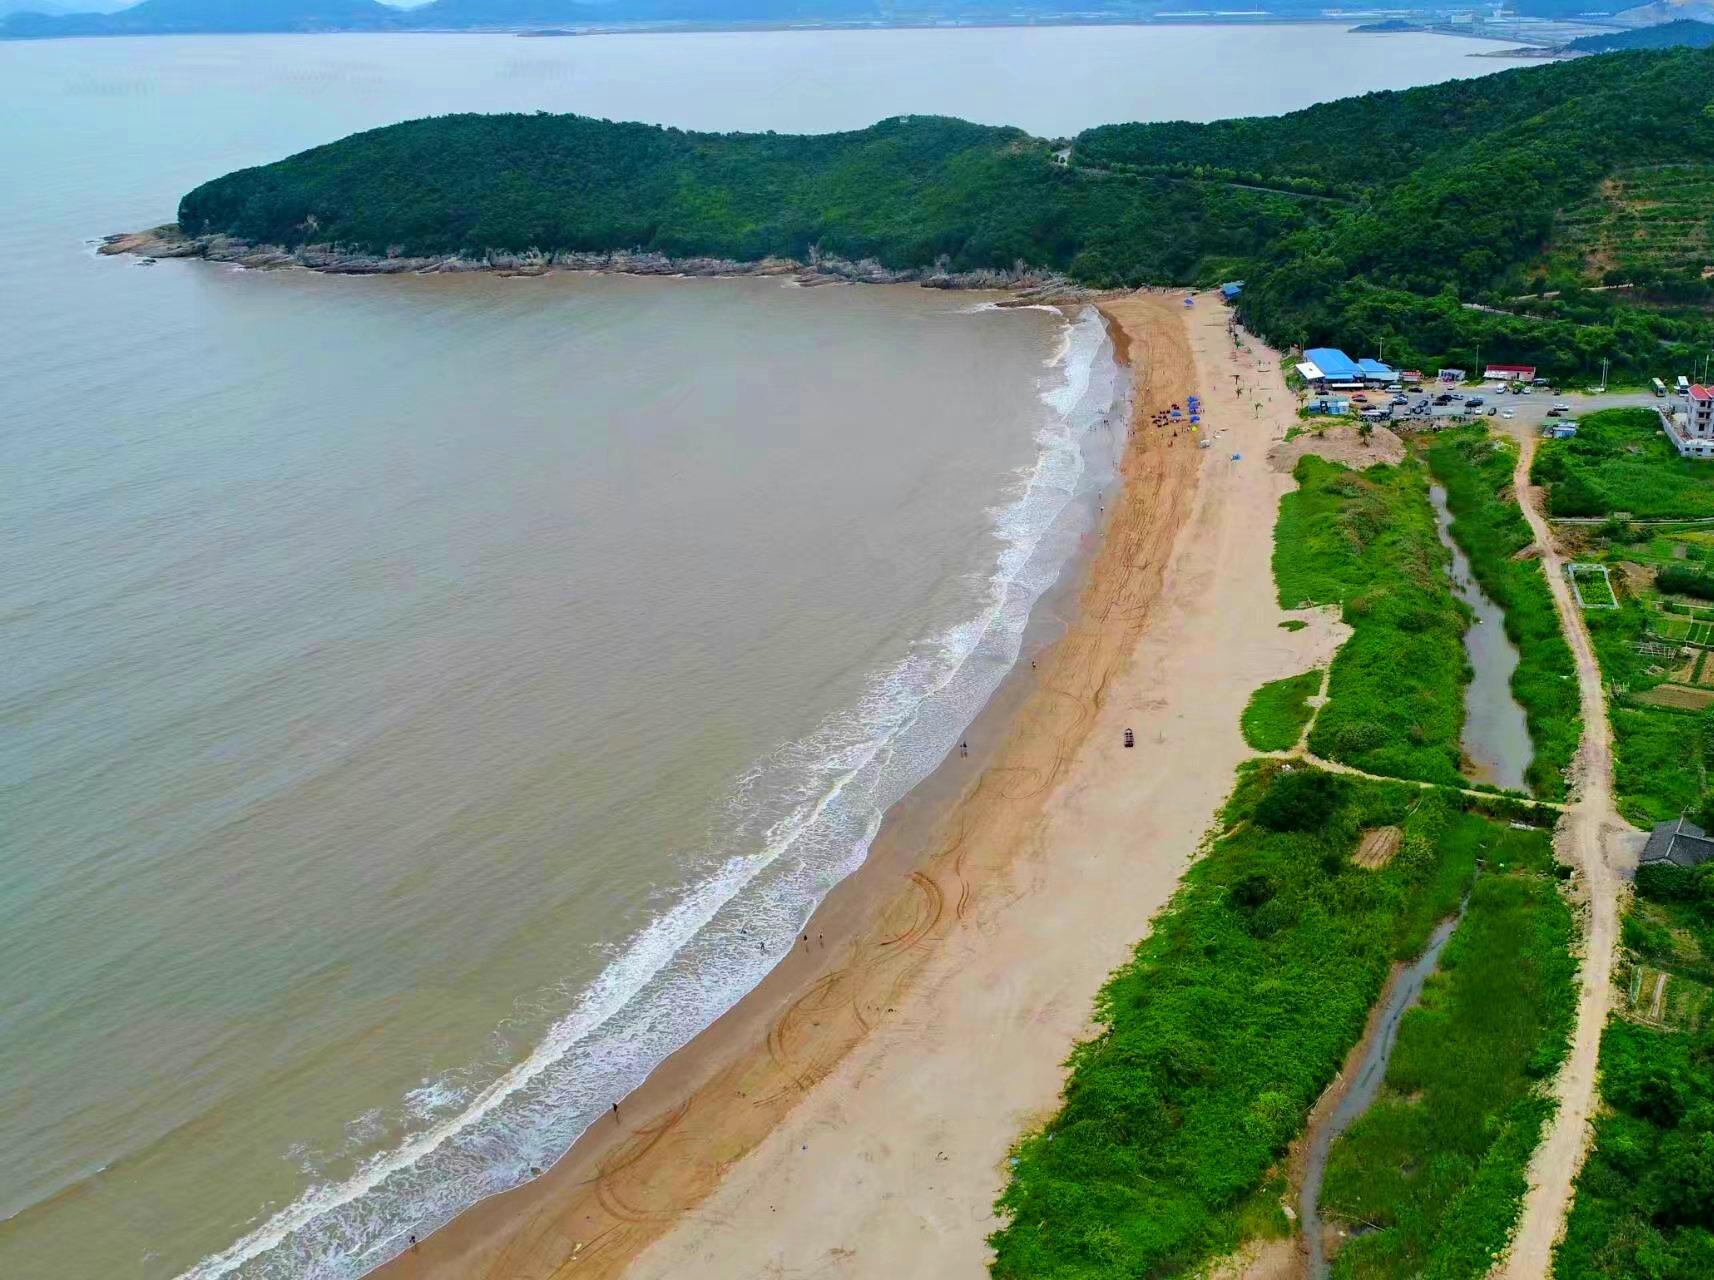 9.3周日 月牙沙滩玩耍出海捕鱼 1日游